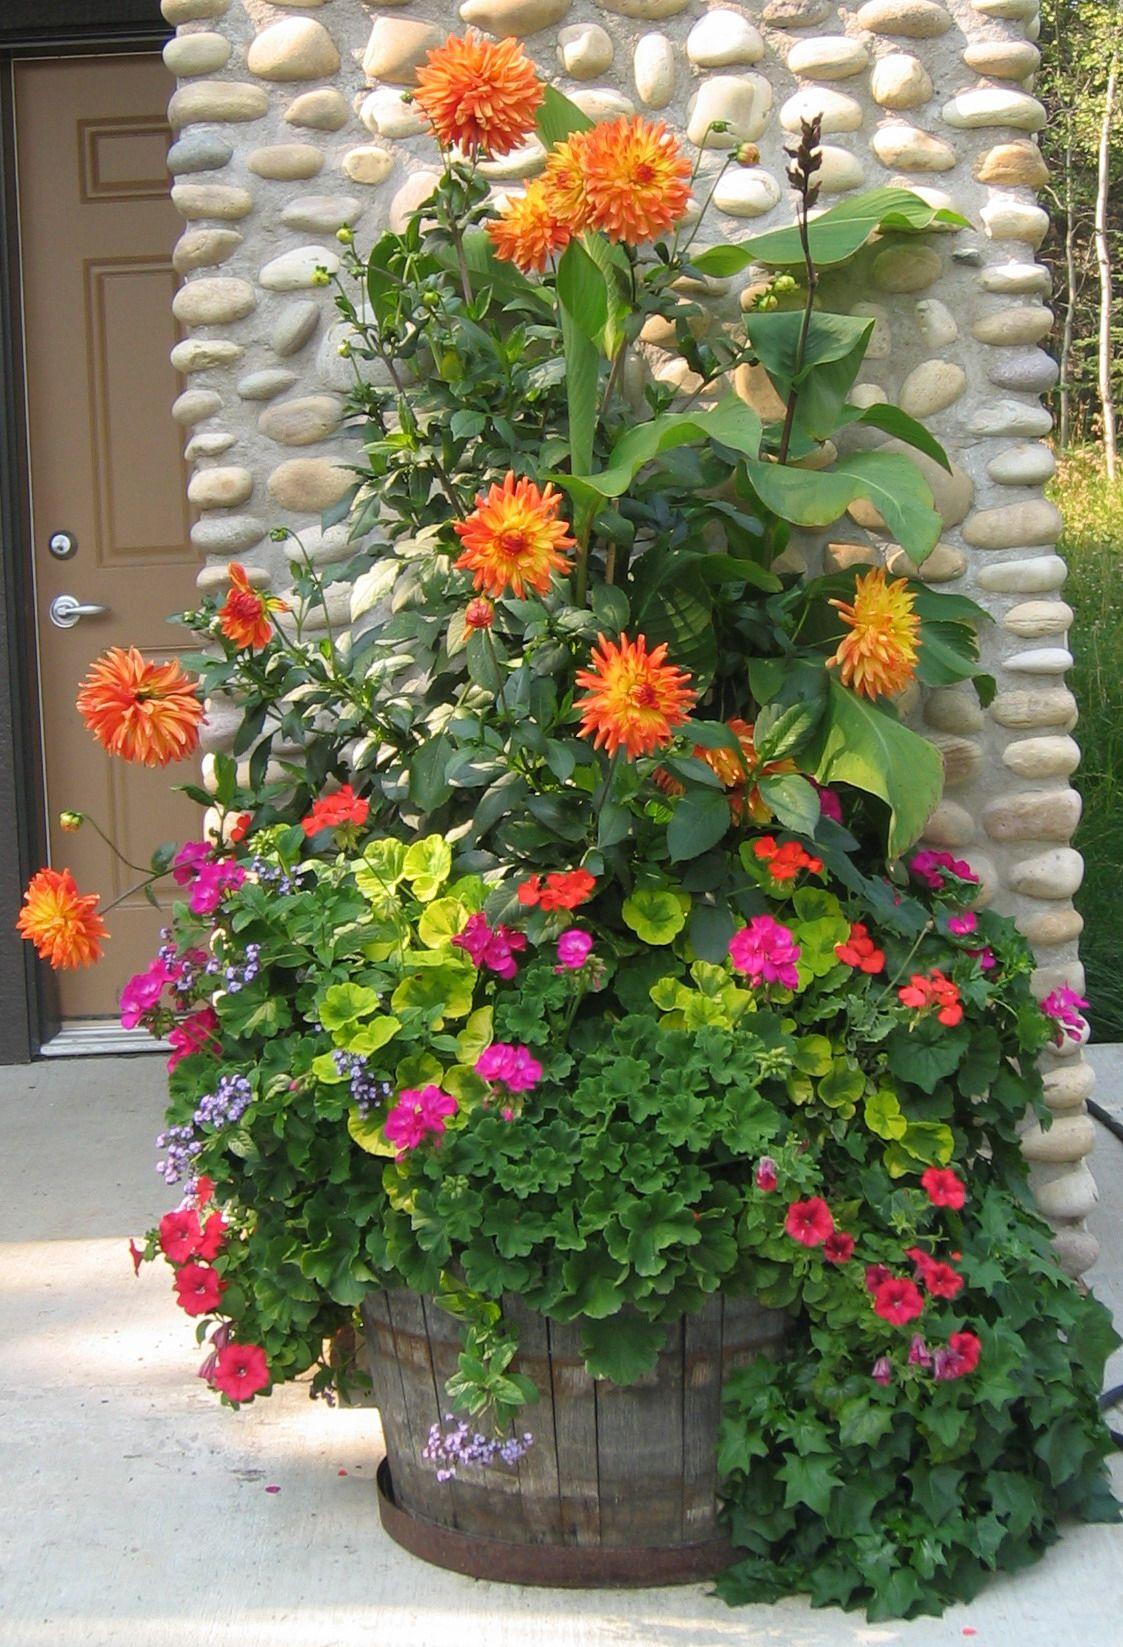 Summer planter with dahlias, geraniums etc. like all the